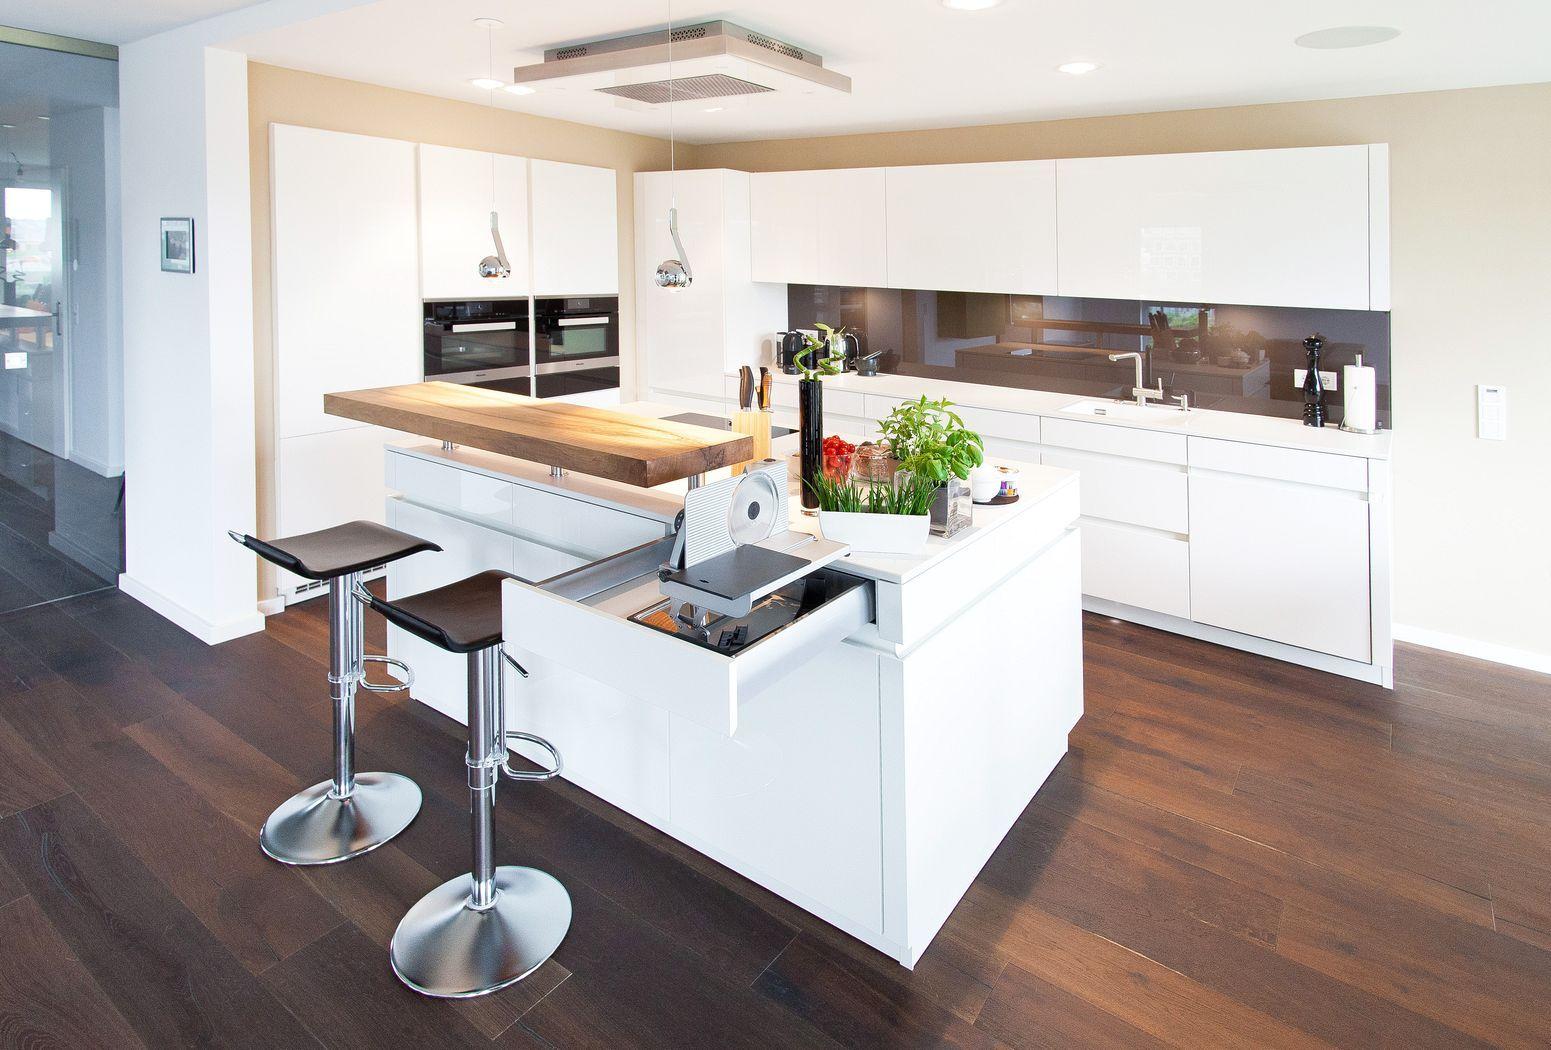 Full Size of Kücheninseln Ikea Kche Kochinsel Google Suche Mit Bildern Kchen Design Betten Bei Küche Kosten Sofa Schlaffunktion Kaufen Modulküche Miniküche 160x200 Wohnzimmer Kücheninseln Ikea